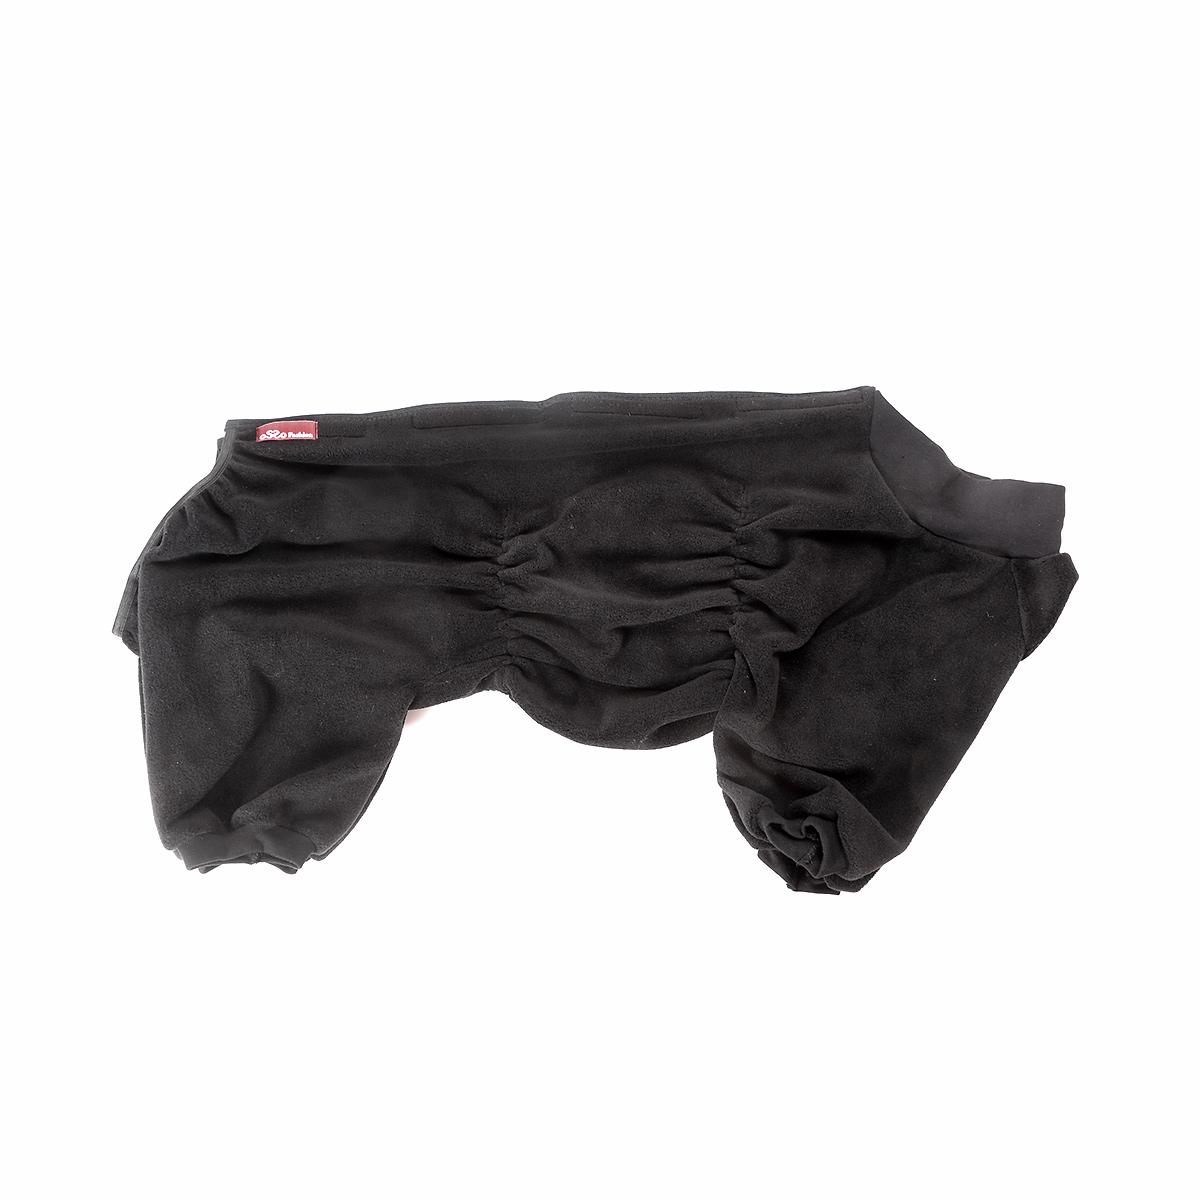 Комбинезон для собак OSSO Fashion, для мальчика, цвет: графит. Размер 32Кф-1008Комбинезон для собак OSSO Fashion выполнен из флиса. Комфортная посадка по корпусу достигается за счет резинок-утяжек под грудью и животом. На воротнике имеются завязки, для дополнительной фиксации. Можно носить самостоятельно и как поддевку под комбинезон для собак. Изделие отлично стирается, быстро сохнет. Длина спинки: 32 см. Объем груди: 40-50 см.